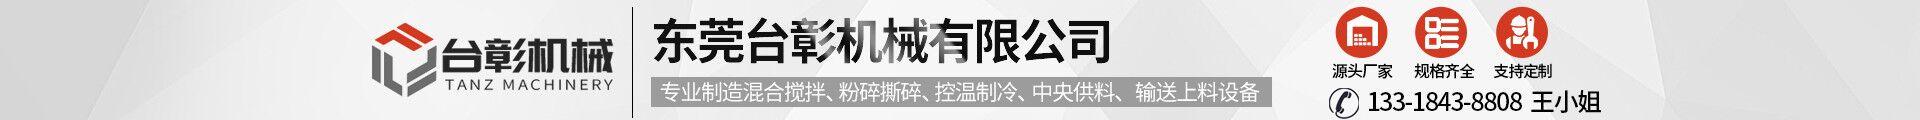 東莞市臺彰機械有限公司